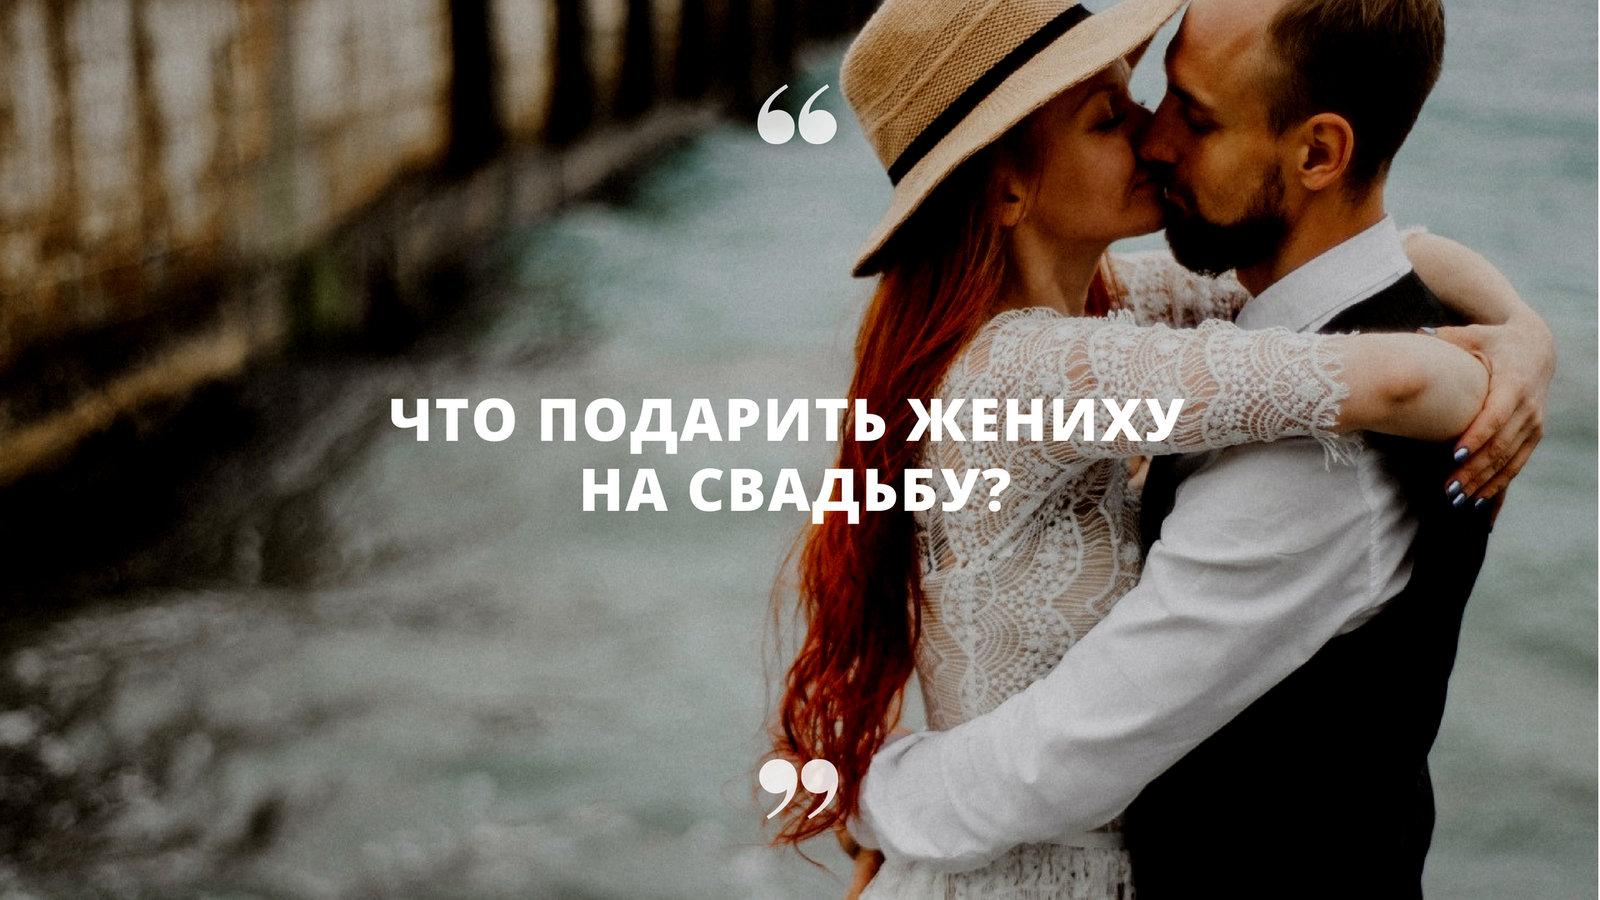 «Что подарить жениху на свадьбу?»